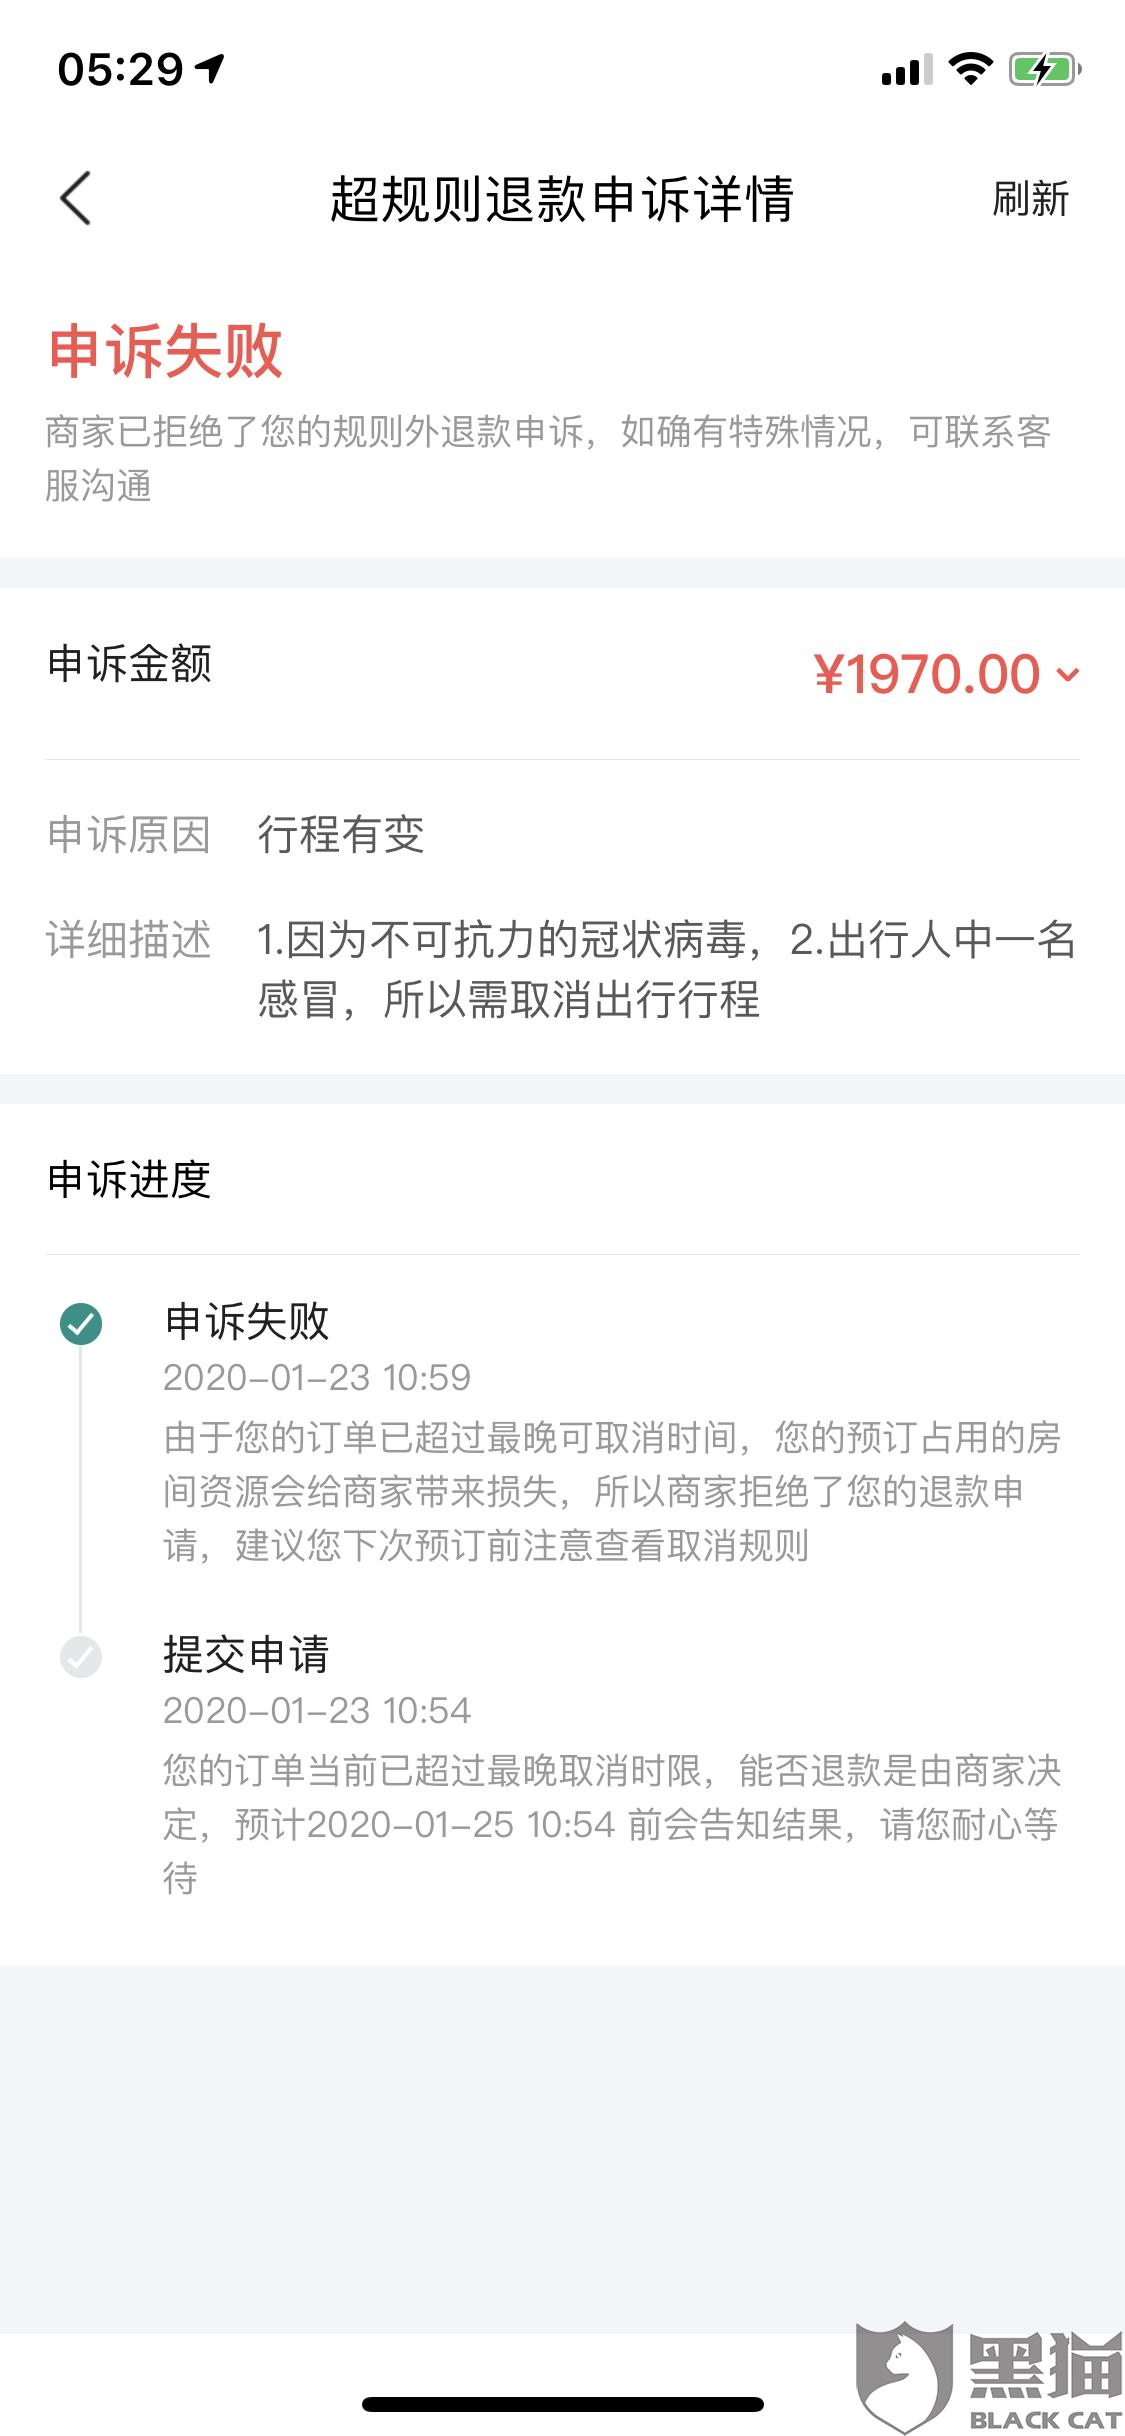 黑猫投诉:因新型冠状病毒蔓延,且北京已有多例感染病例,美团中国大饭店却不予退订退款